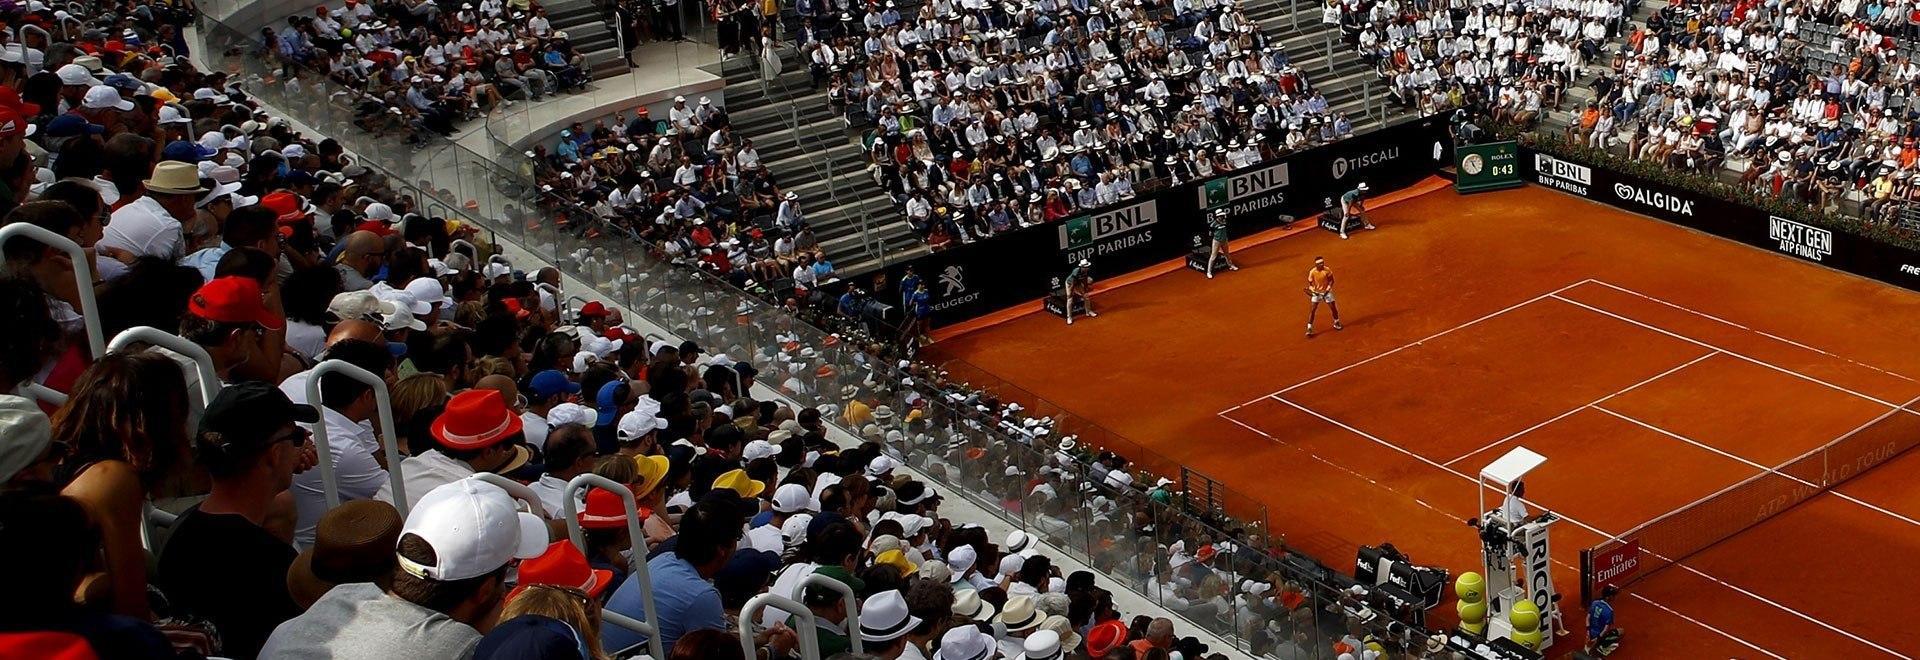 ATP Roma 2006